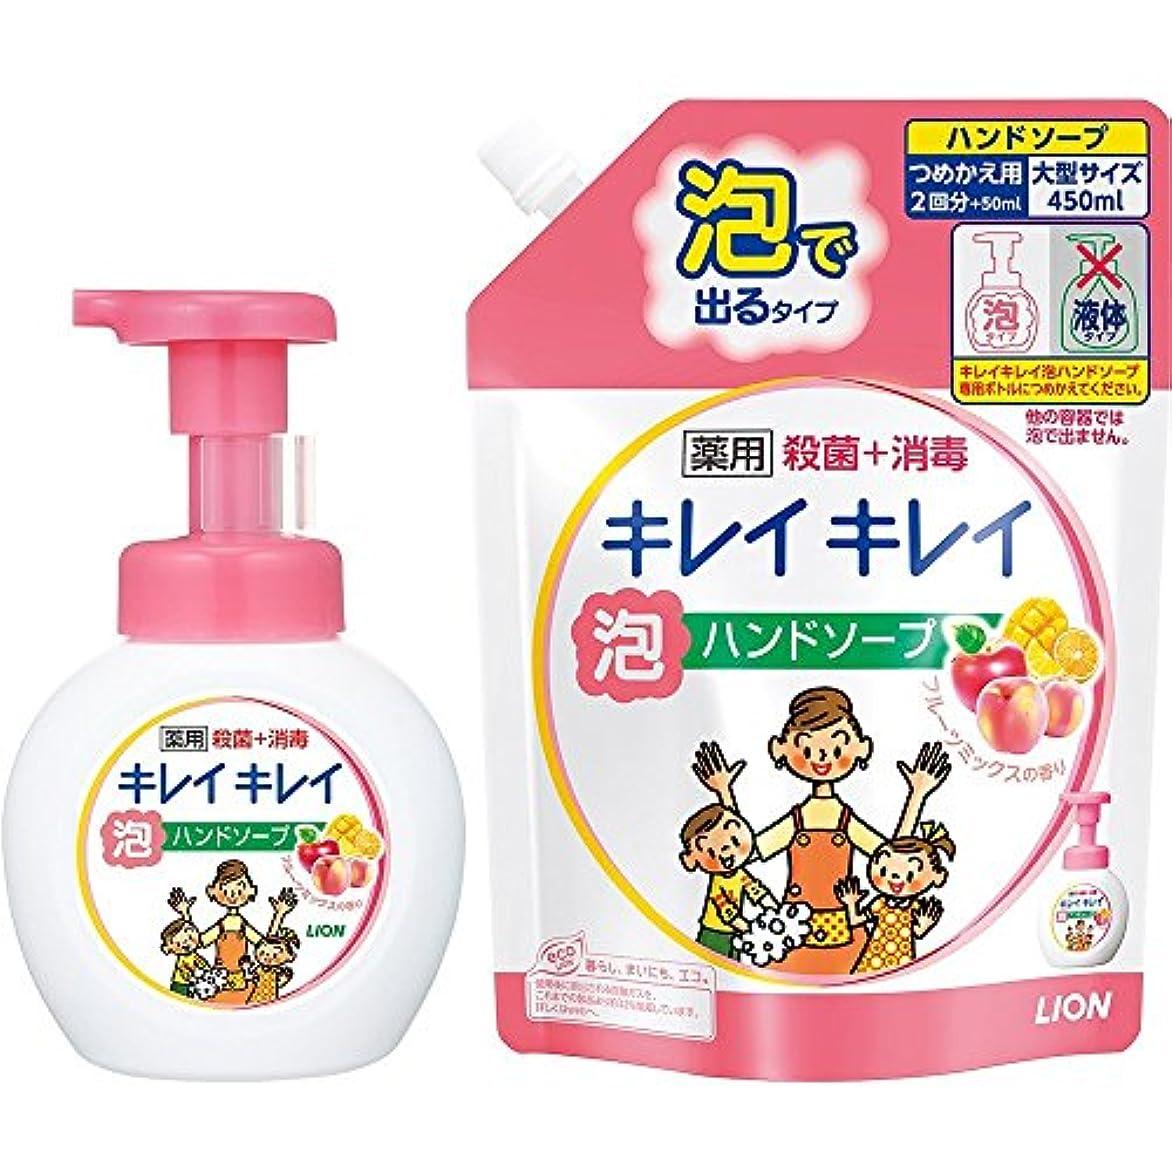 確認居住者ビットキレイキレイ 薬用 泡ハンドソープ フルーツミックスの香り 本体ポンプ250ml+詰め替え450ml(医薬部外品)